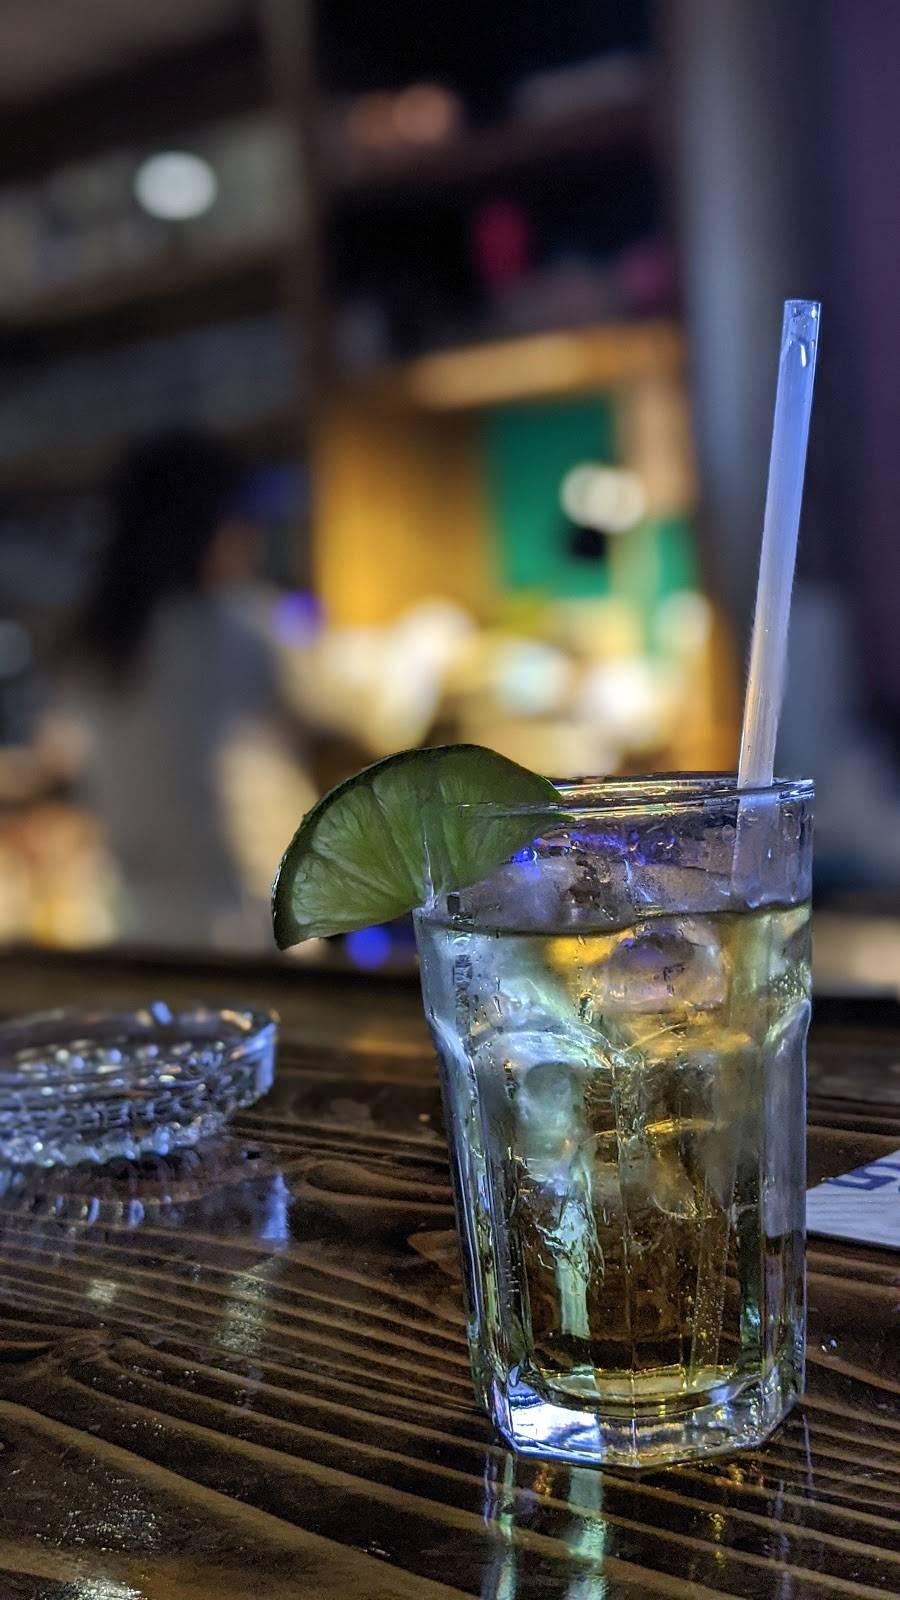 Lennies Club & Grill | restaurant | 3324 E 51st St, Tulsa, OK 74135, USA | 9187436600 OR +1 918-743-6600